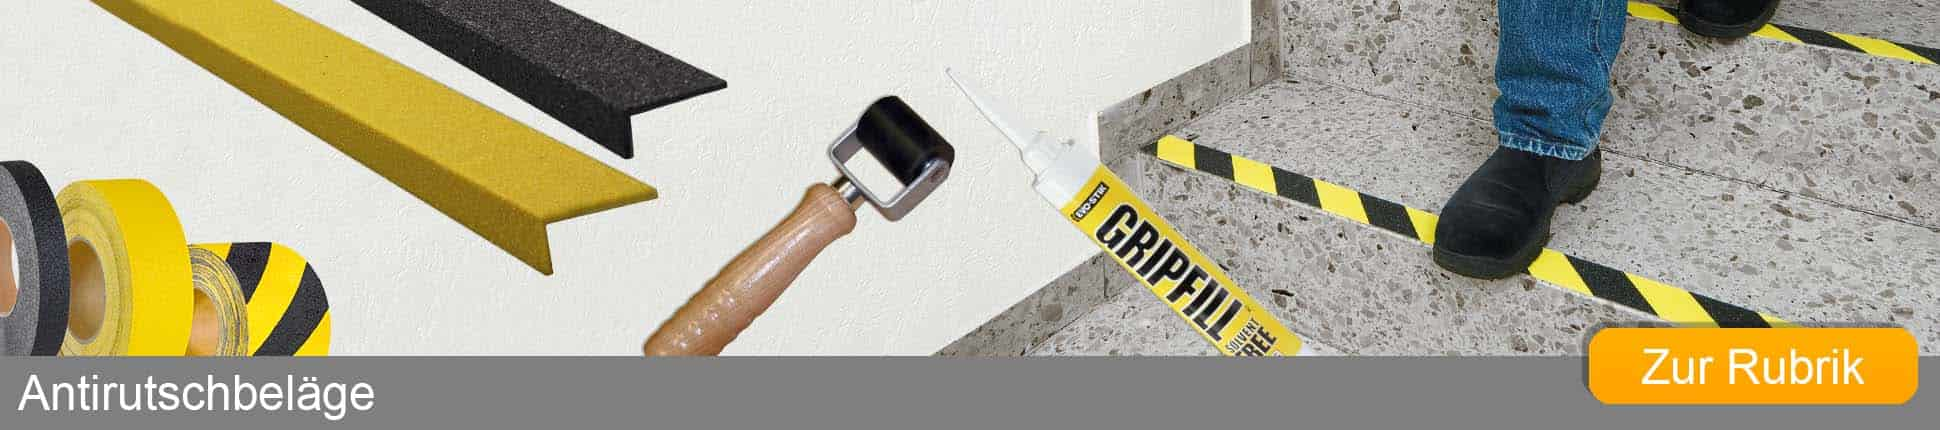 anti rutsch streifen f r treppen von industriebedarf24 industriebedarf24. Black Bedroom Furniture Sets. Home Design Ideas